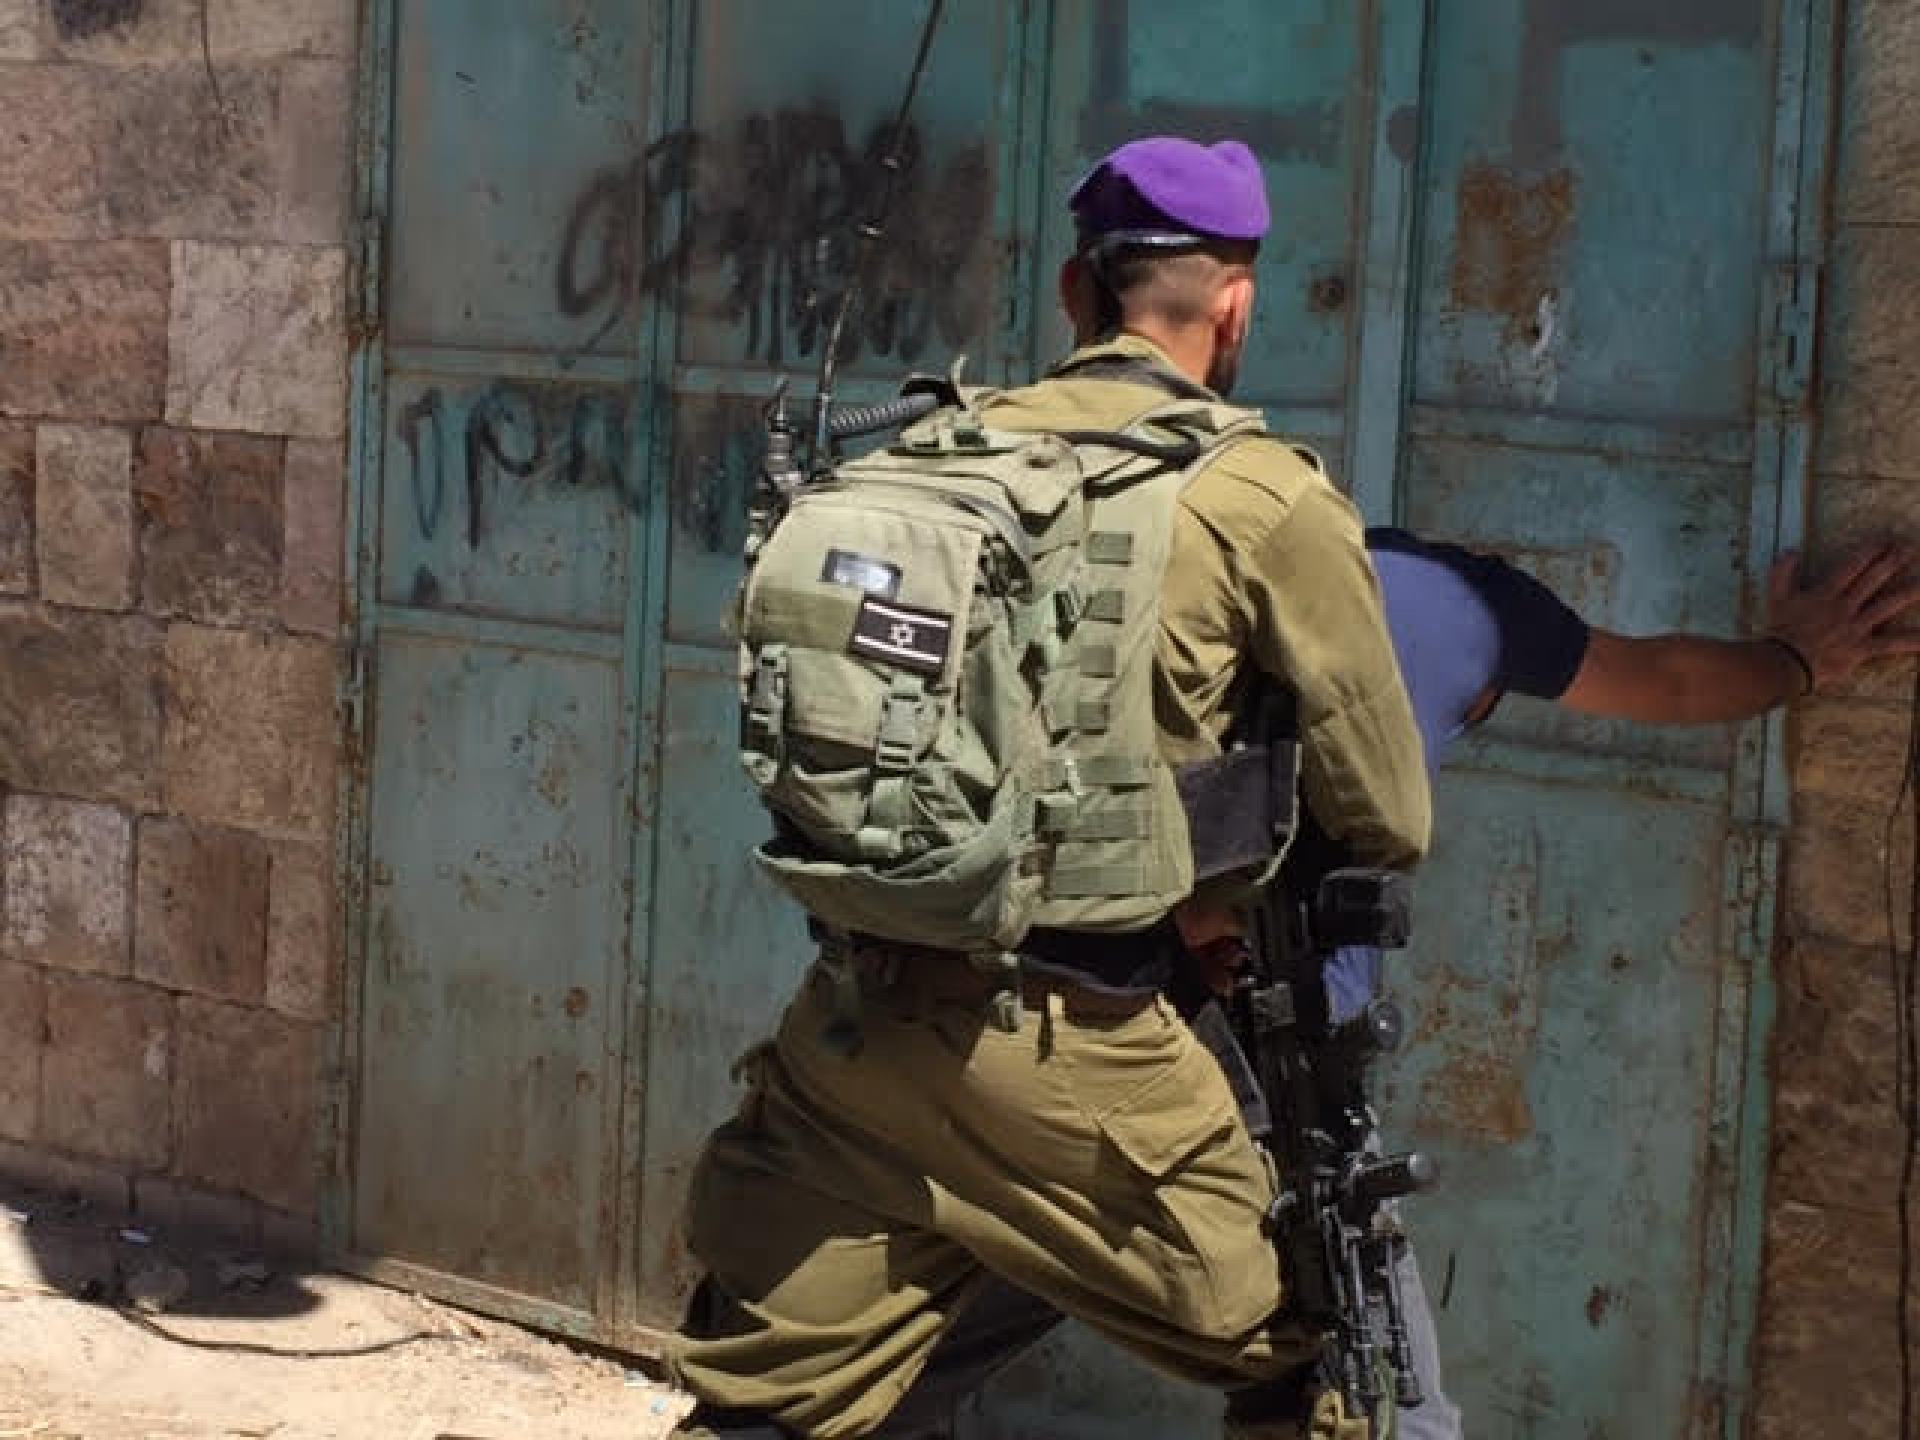 ככה סתם עוצרים פלסטיני ובודקים אותו ליד הכניסה לשכונת אברהם אבינו